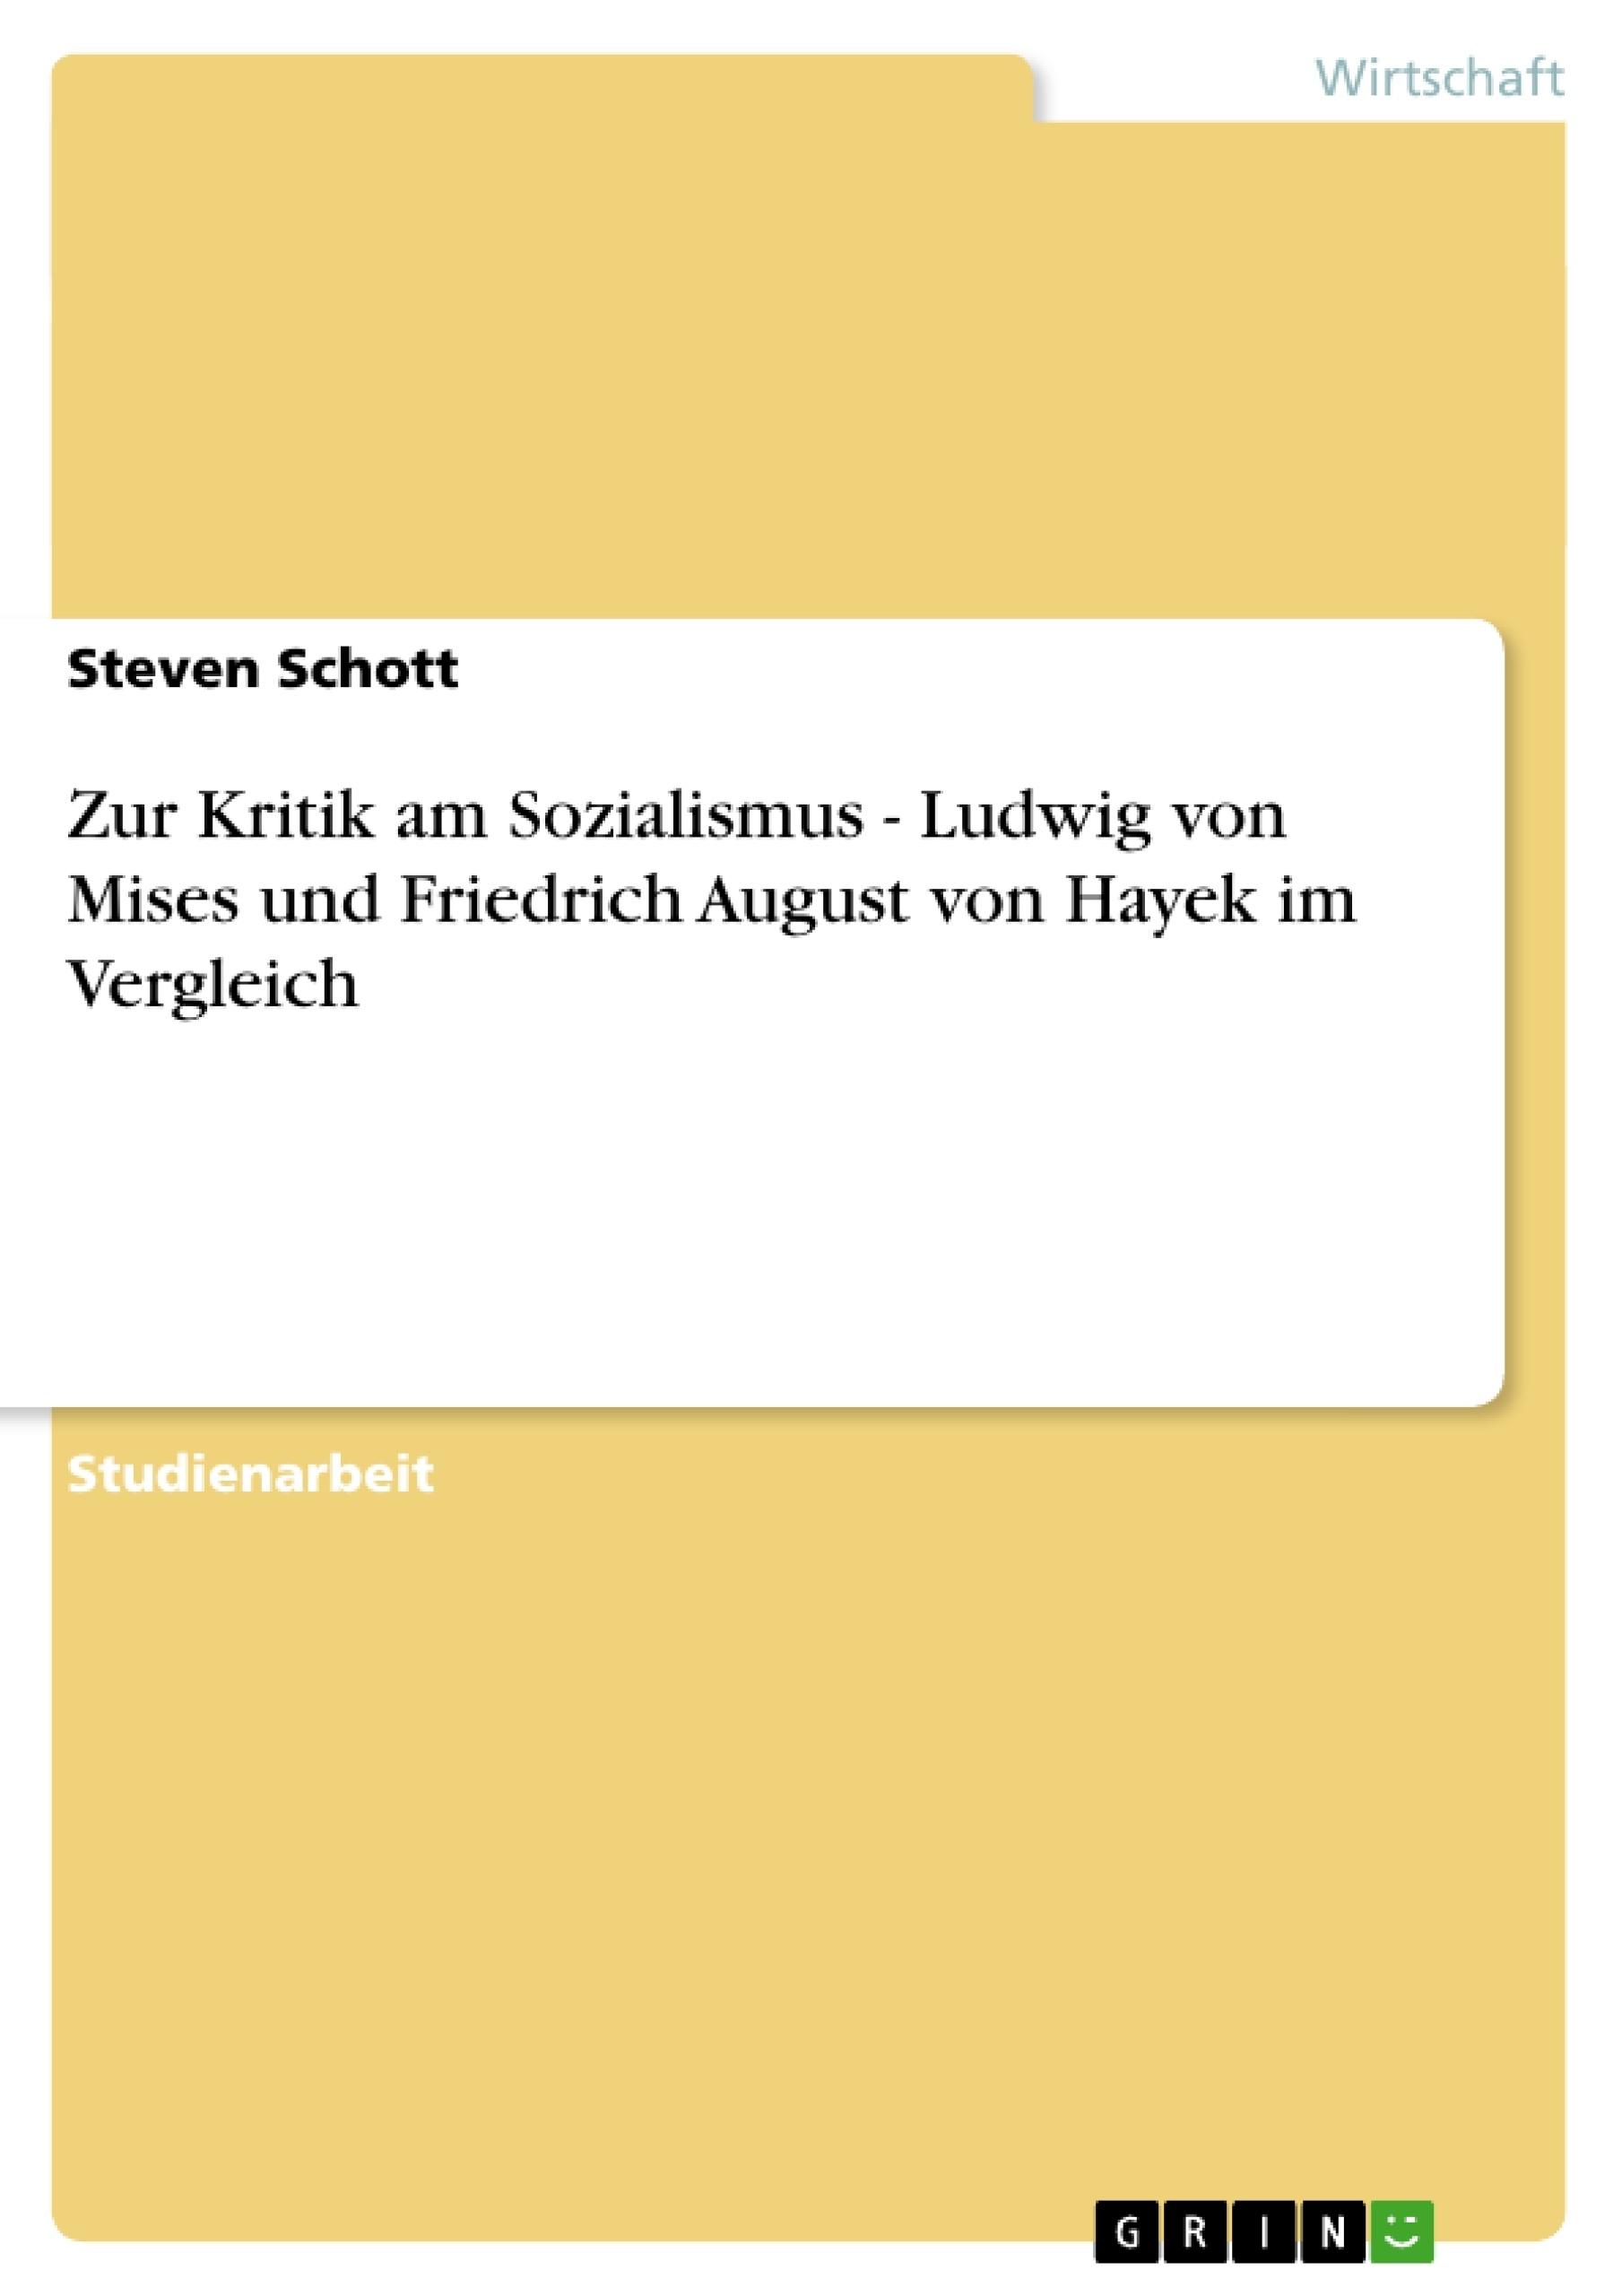 Titel: Zur Kritik am Sozialismus - Ludwig von Mises und Friedrich August von Hayek im Vergleich